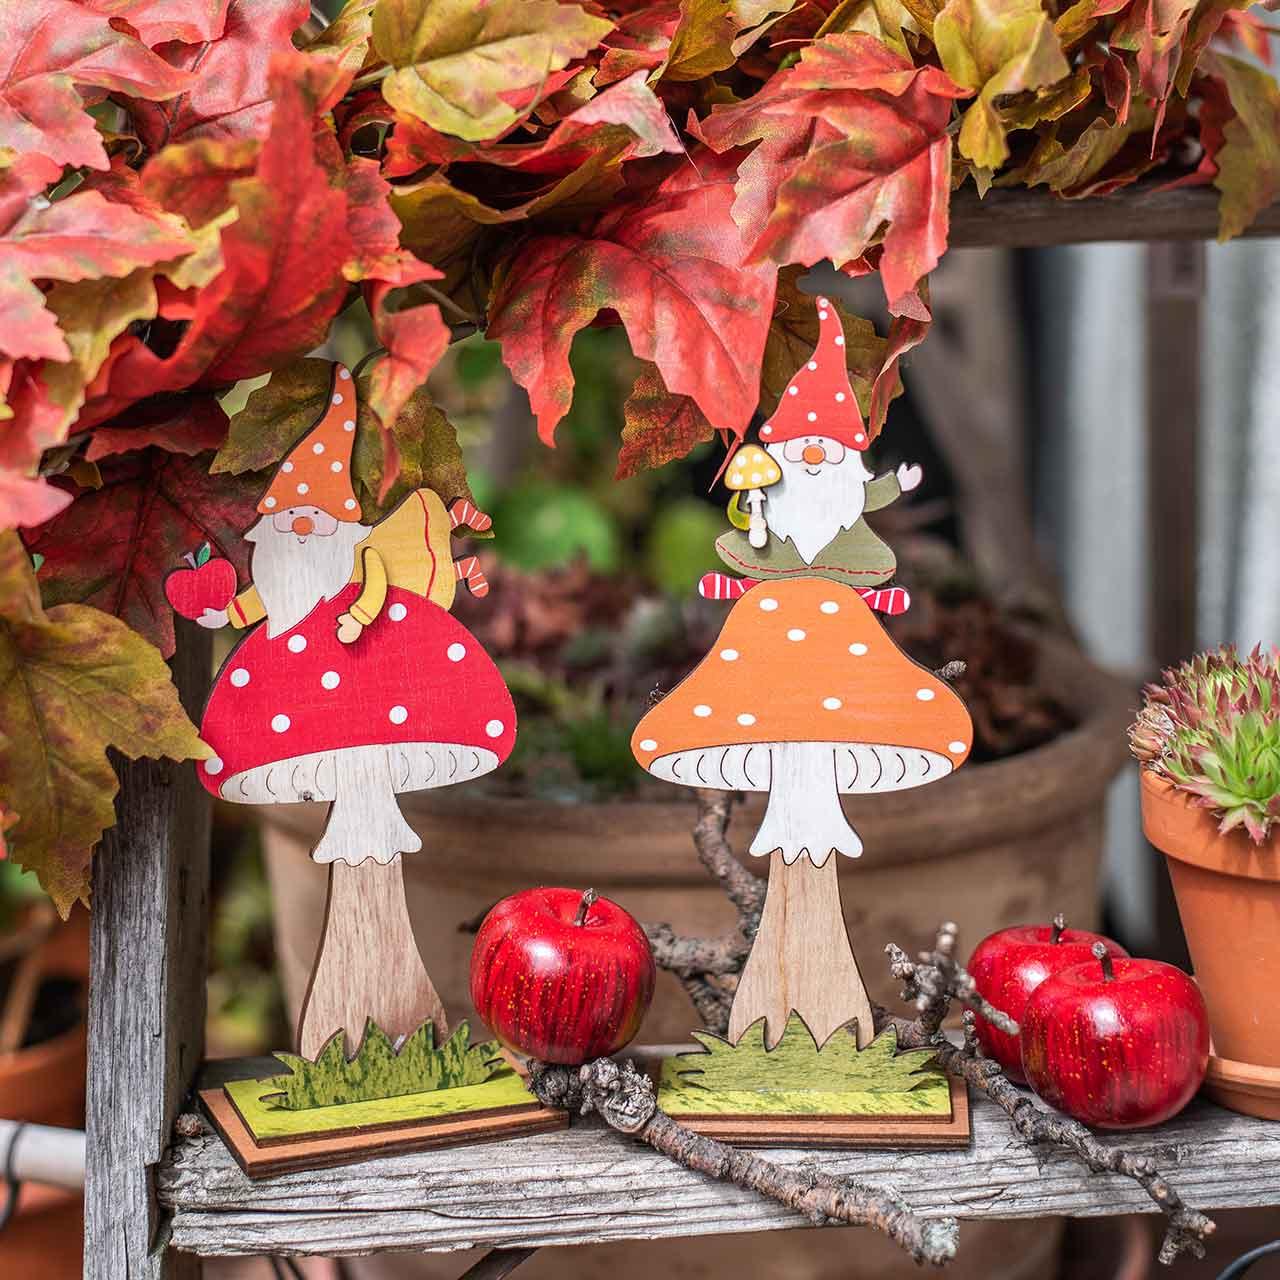 Fluesvamp til efterår, trædekoration, nisse på champignon orange / rød H21 / 19,5cm 4stk